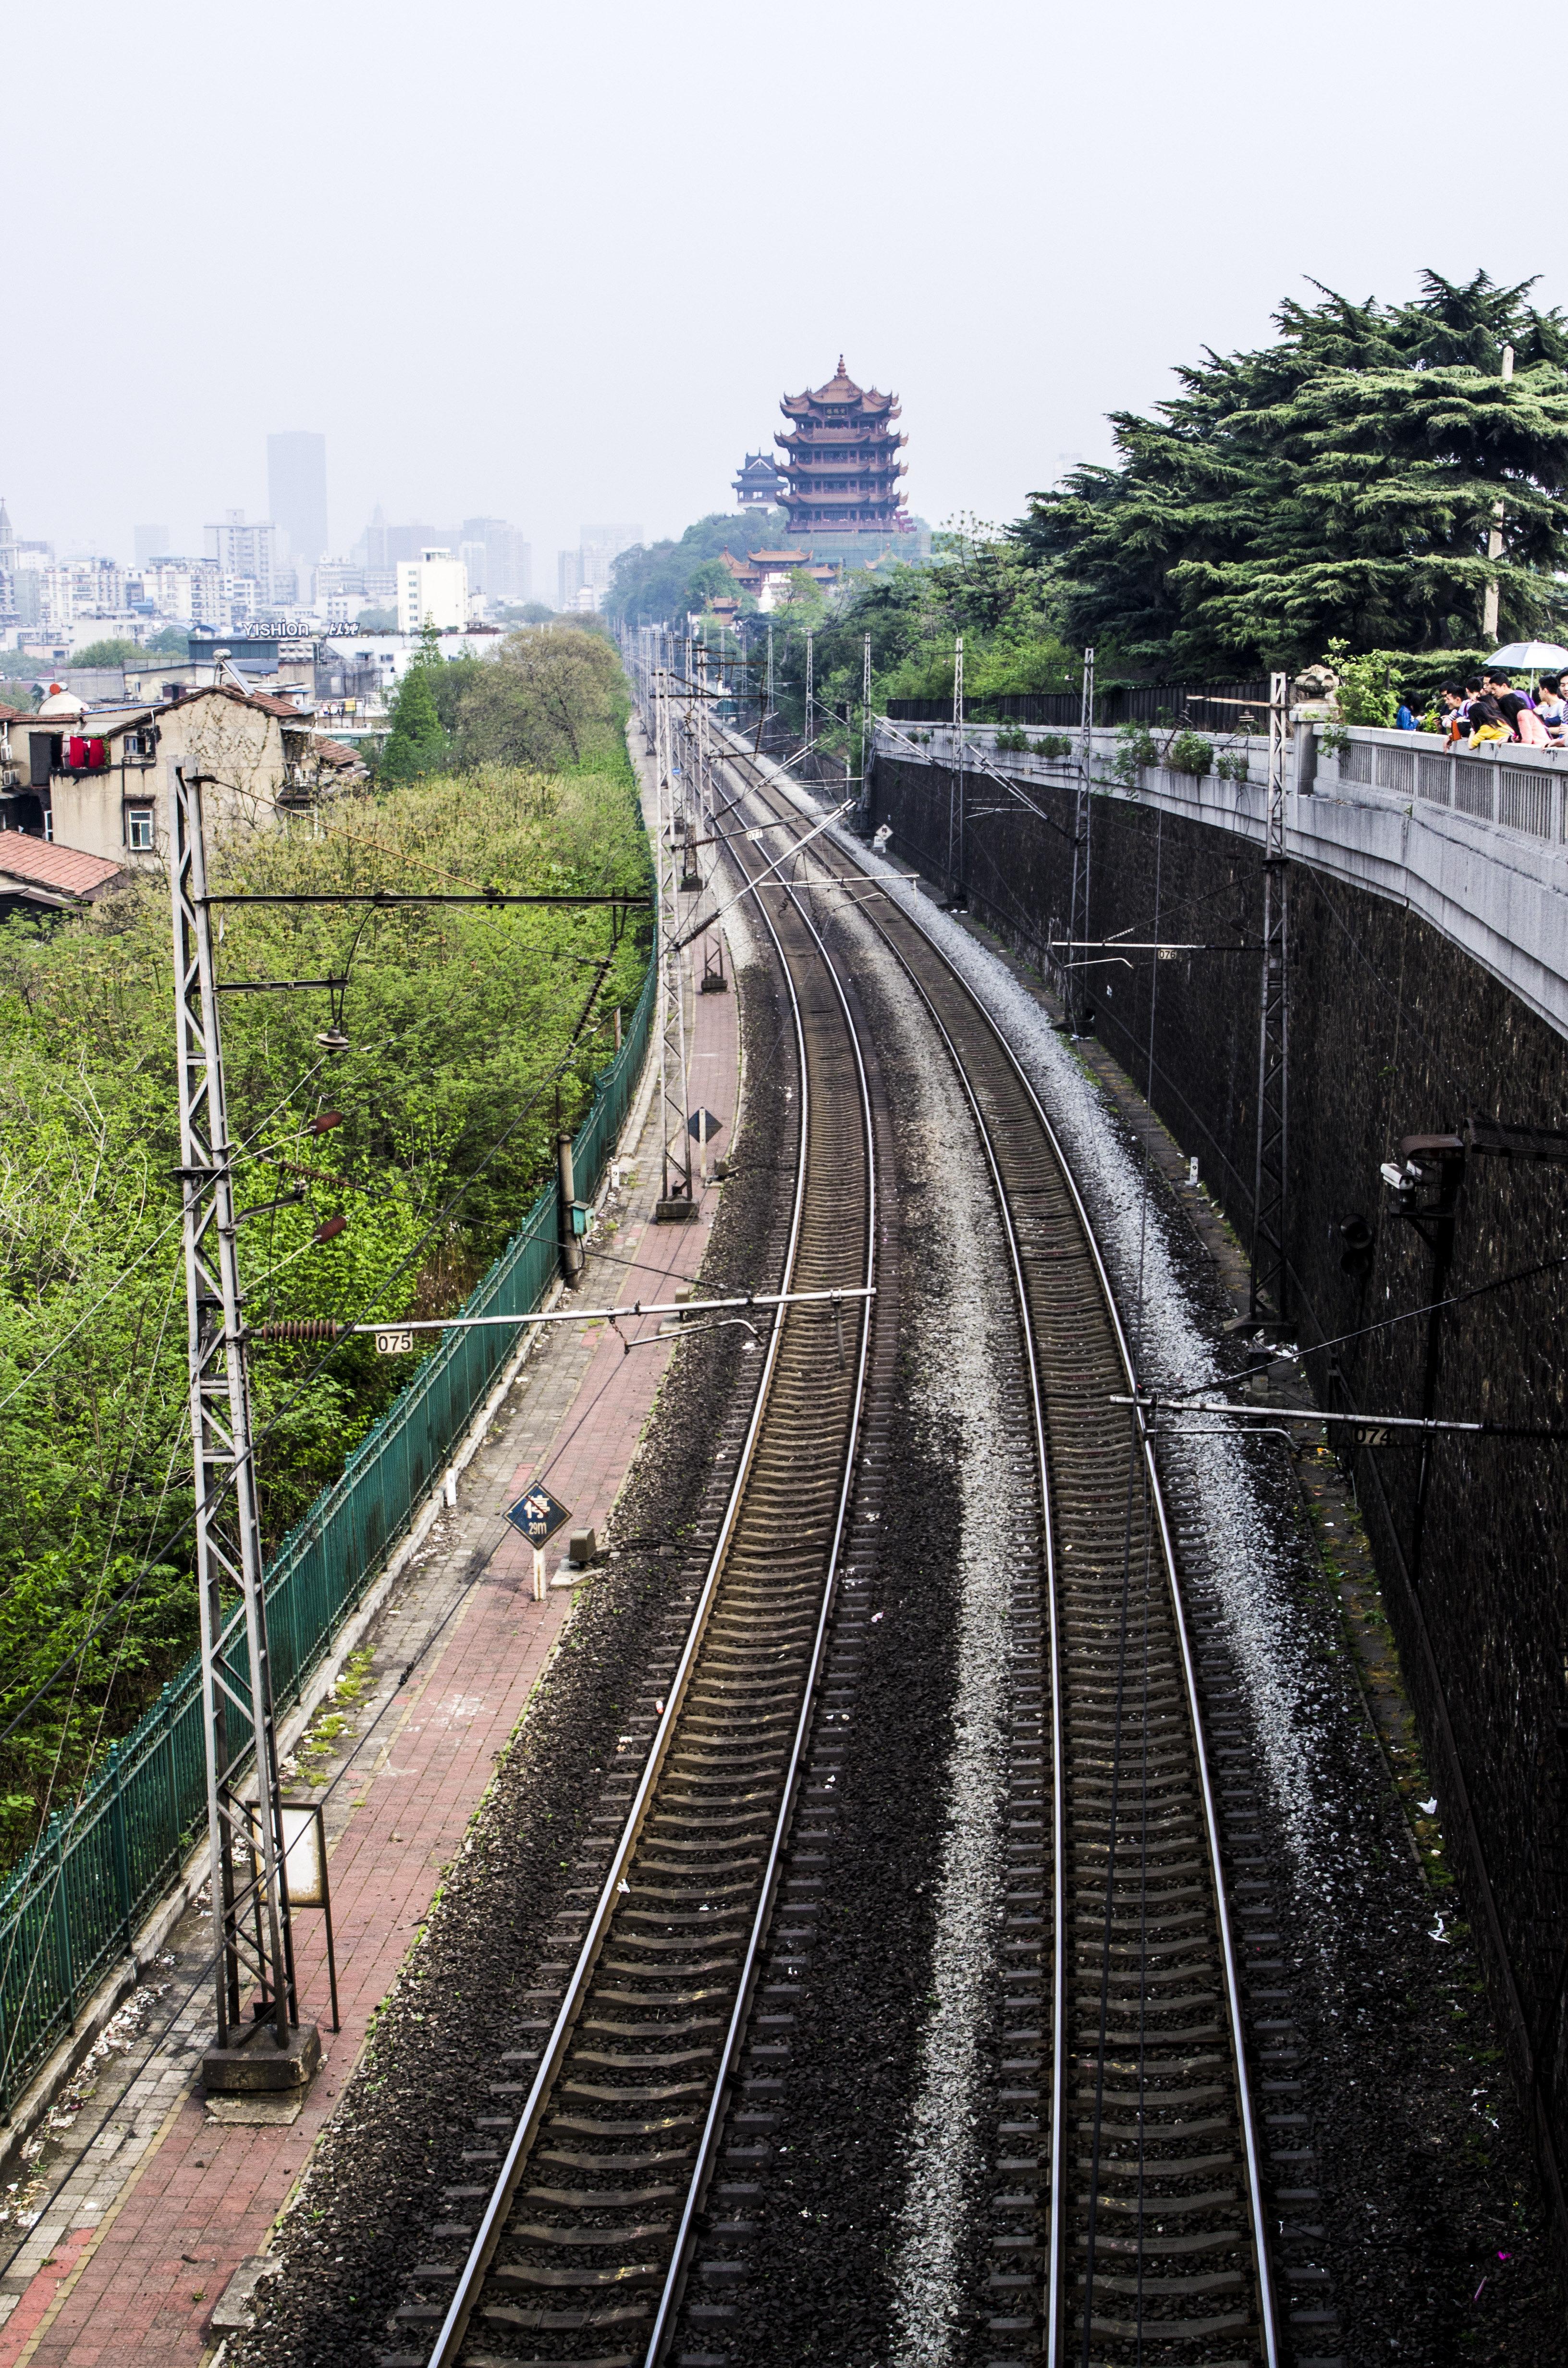 武汉长江大桥去张家界攻略主要是看哪些景点图片